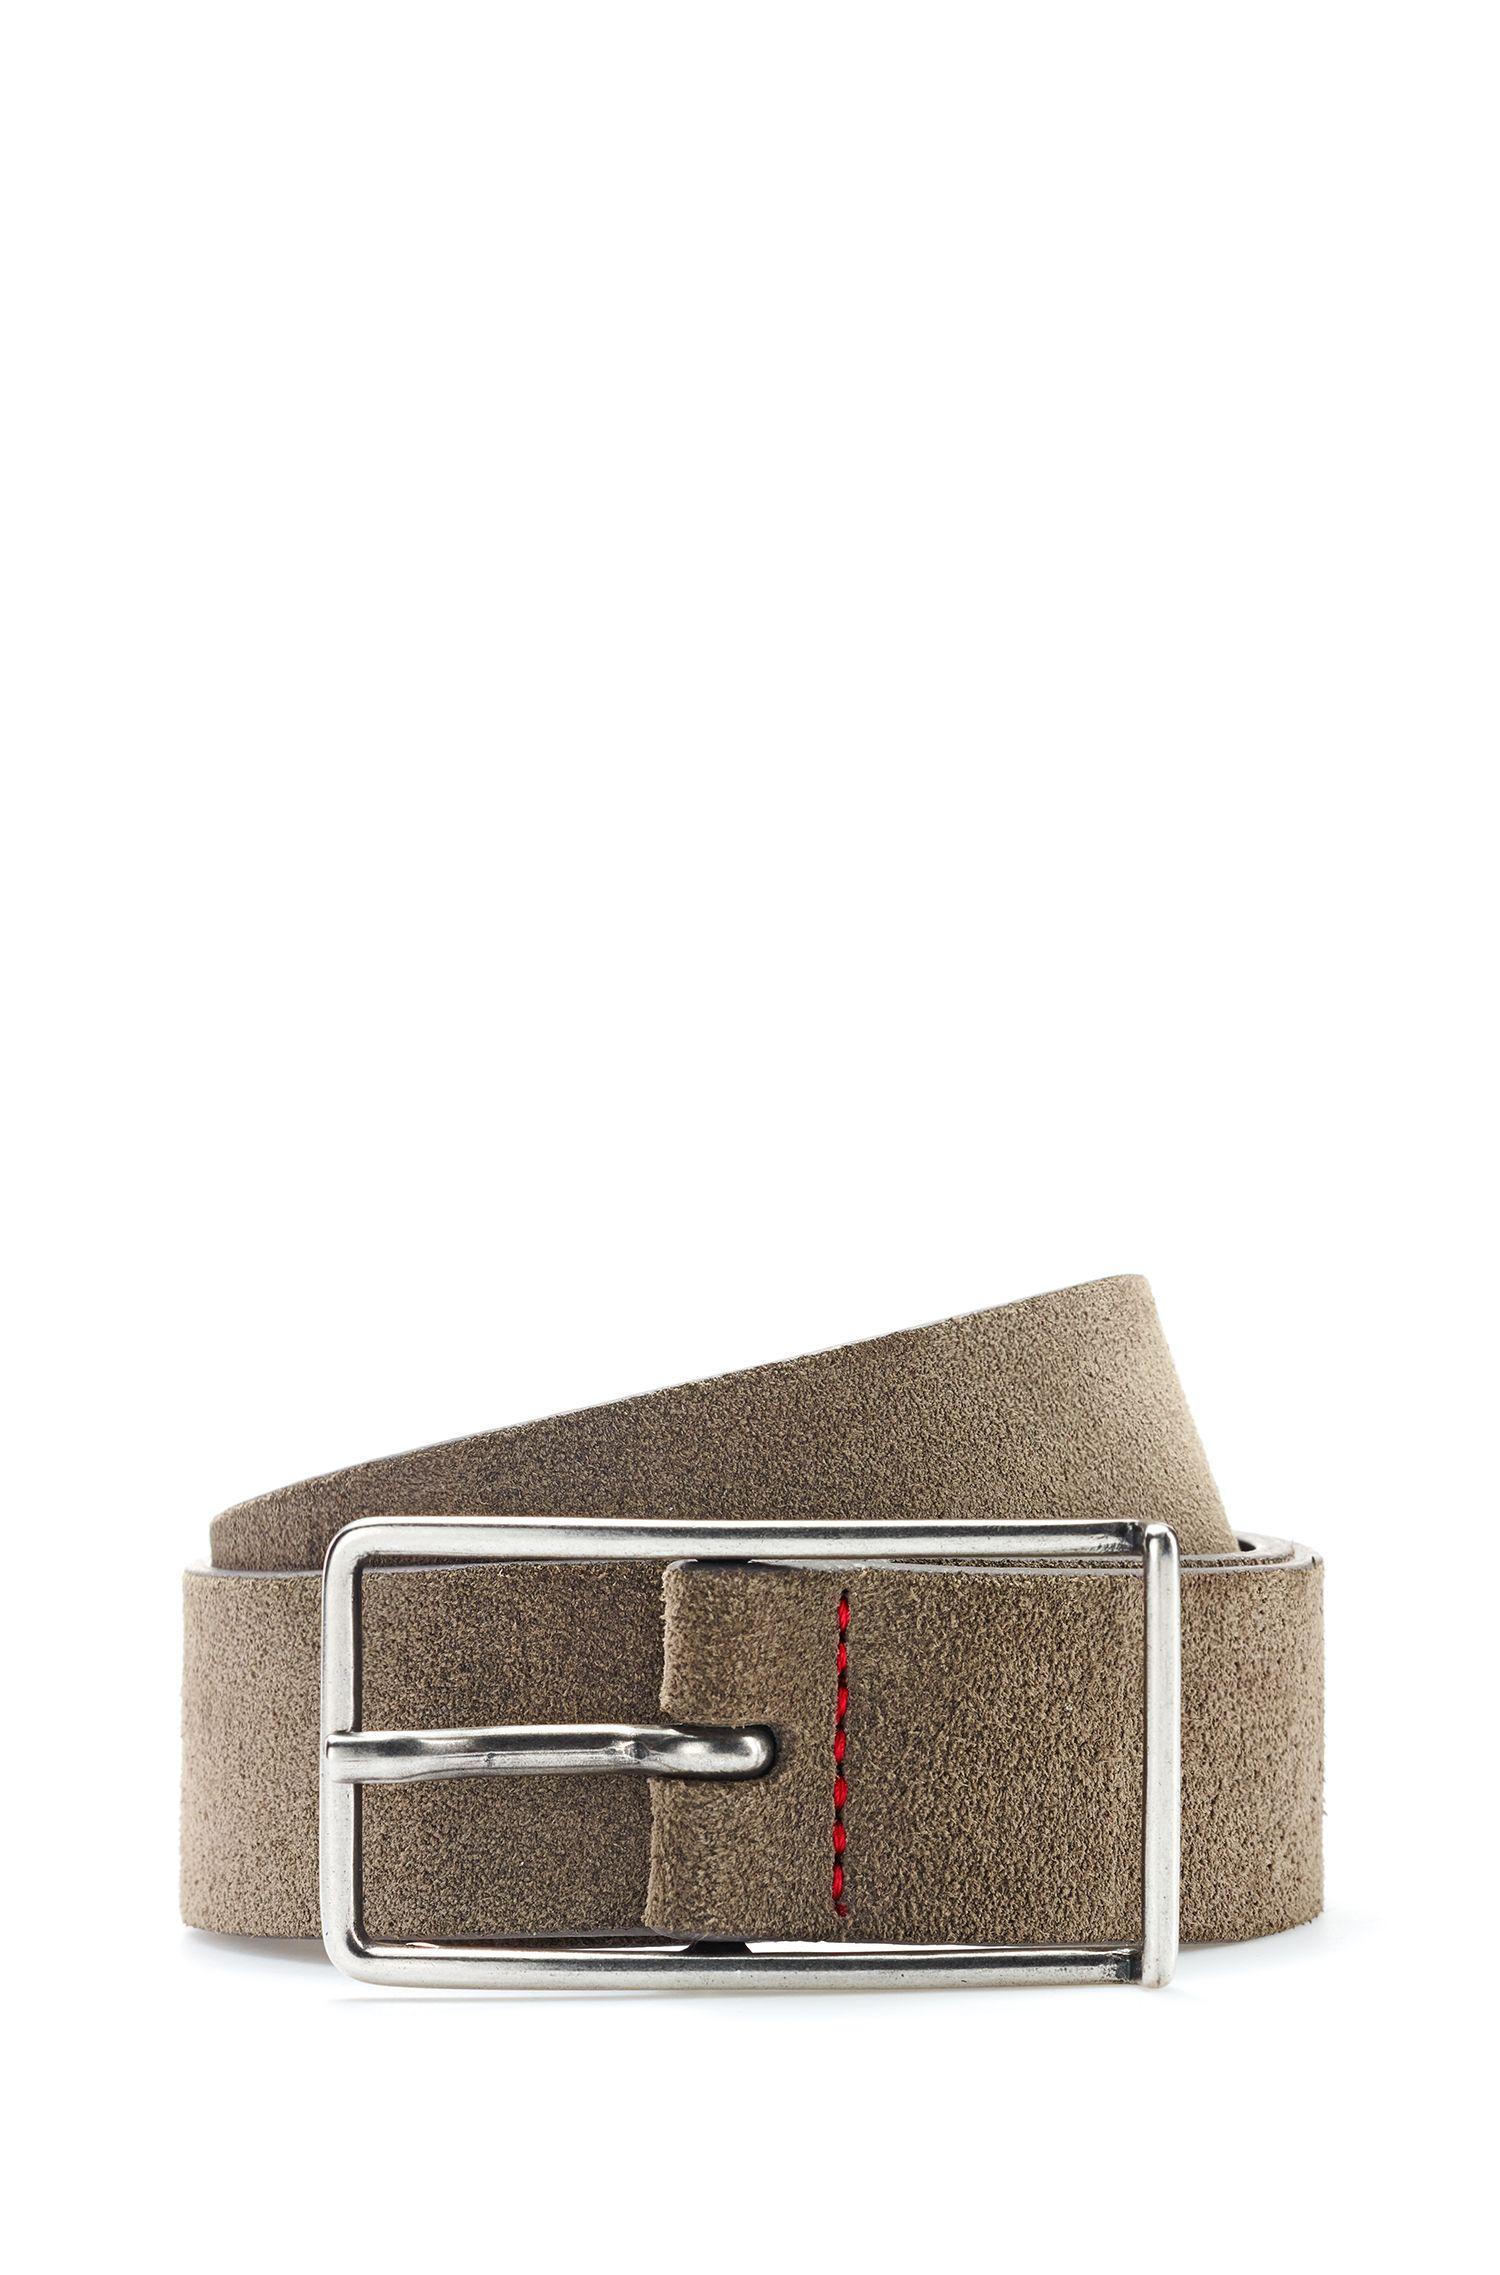 Slimline pin-buckle belt in Italian suede, Khaki